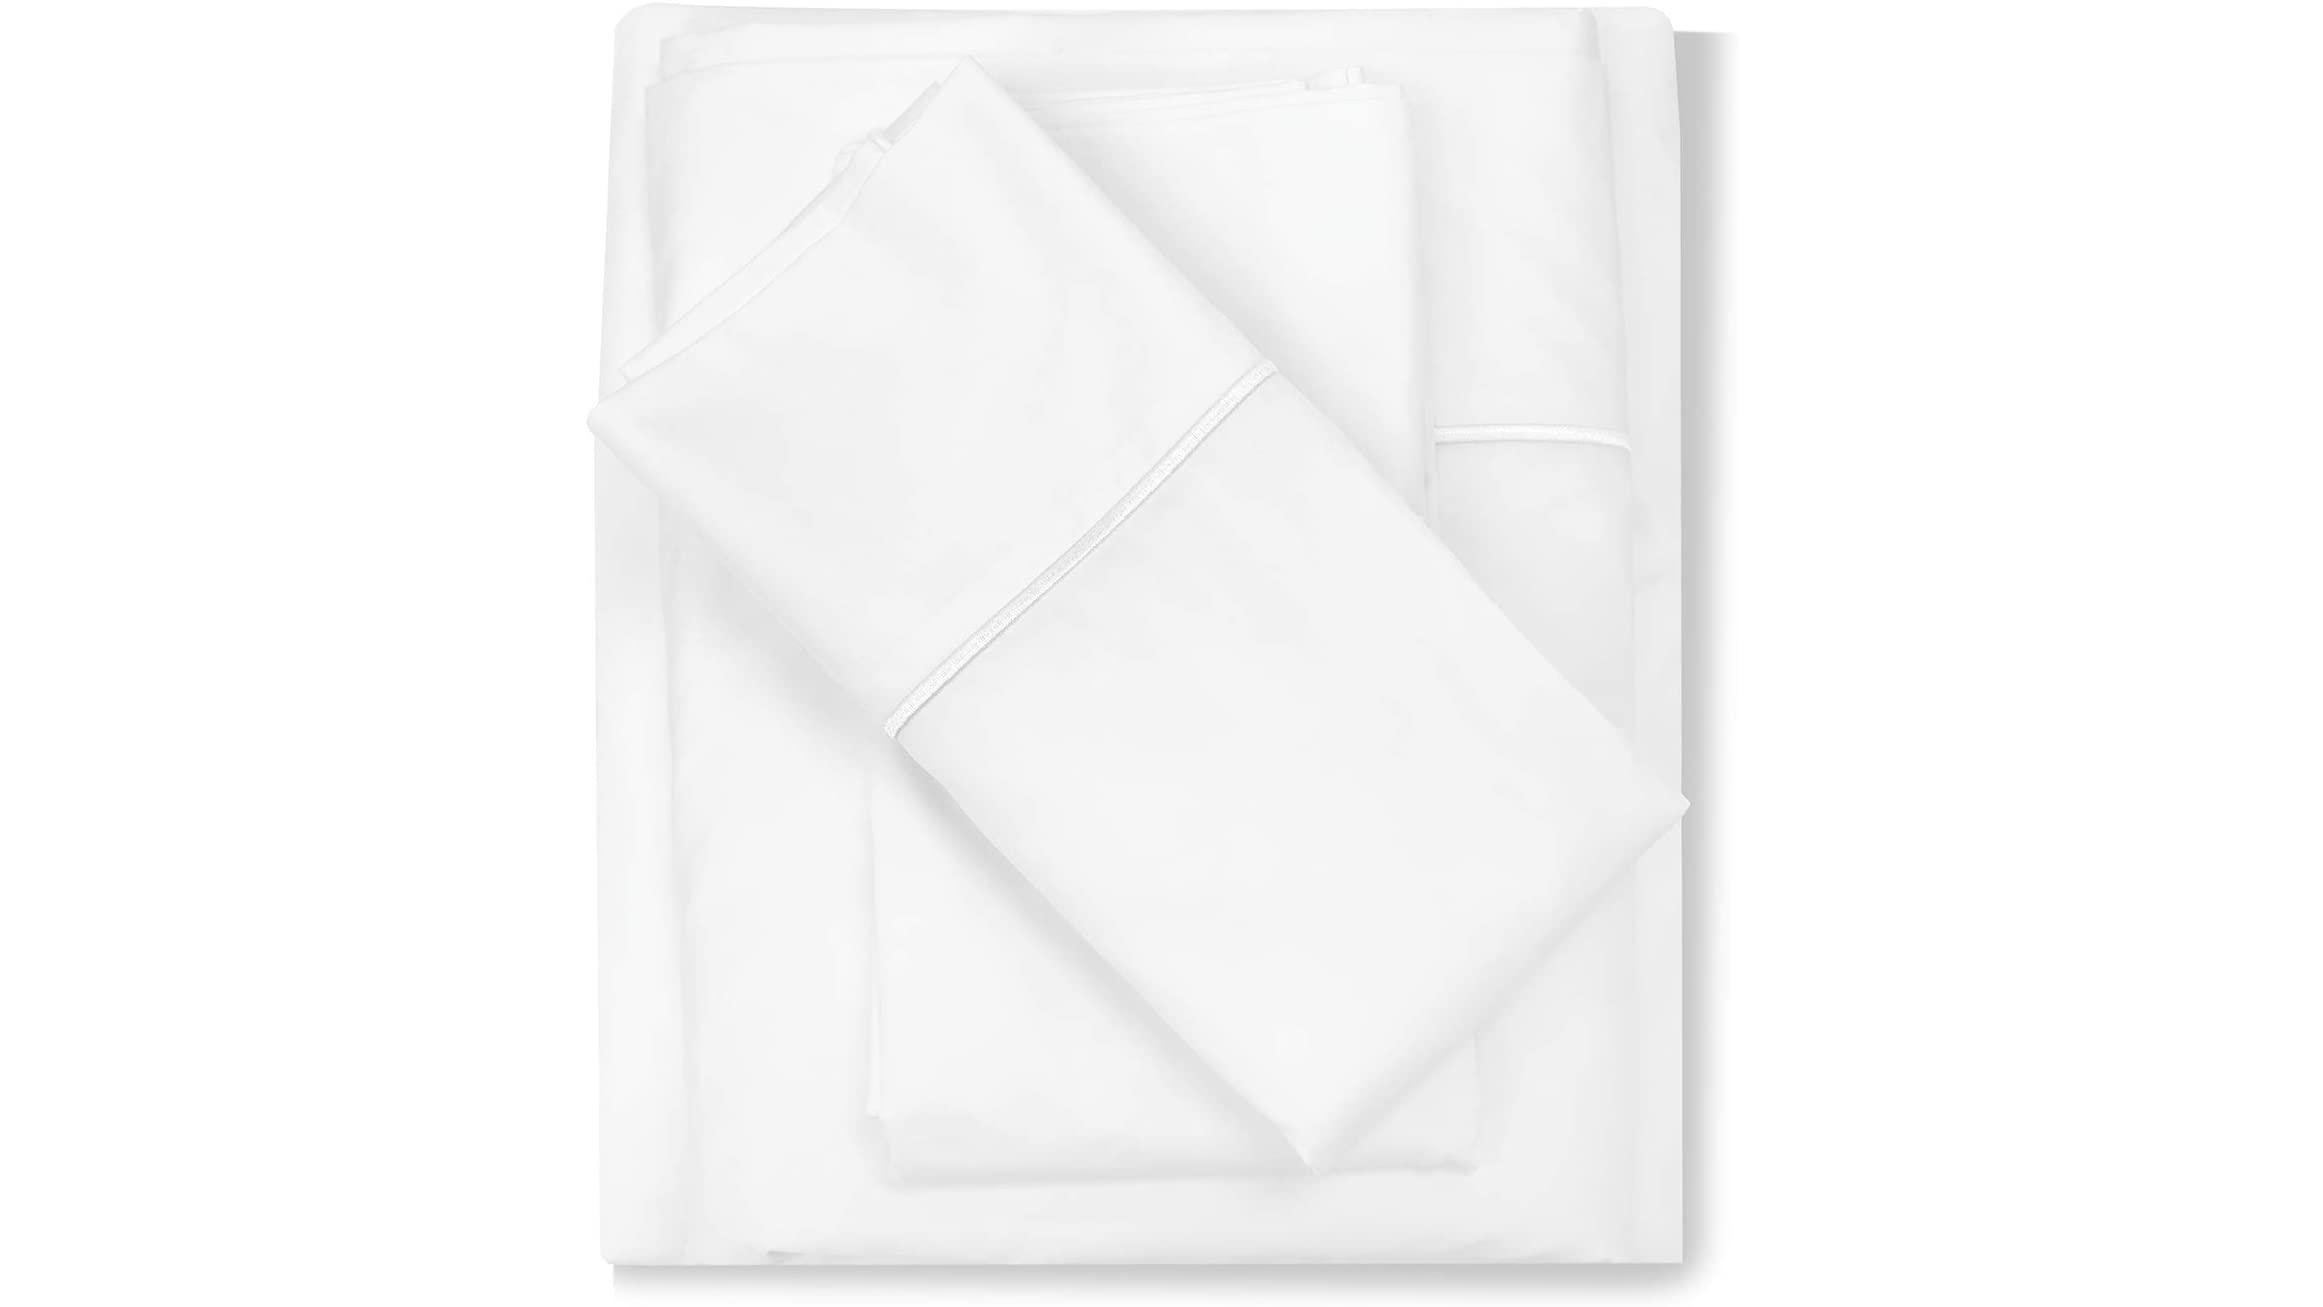 SensorPedic Ice Cool Sheet Set